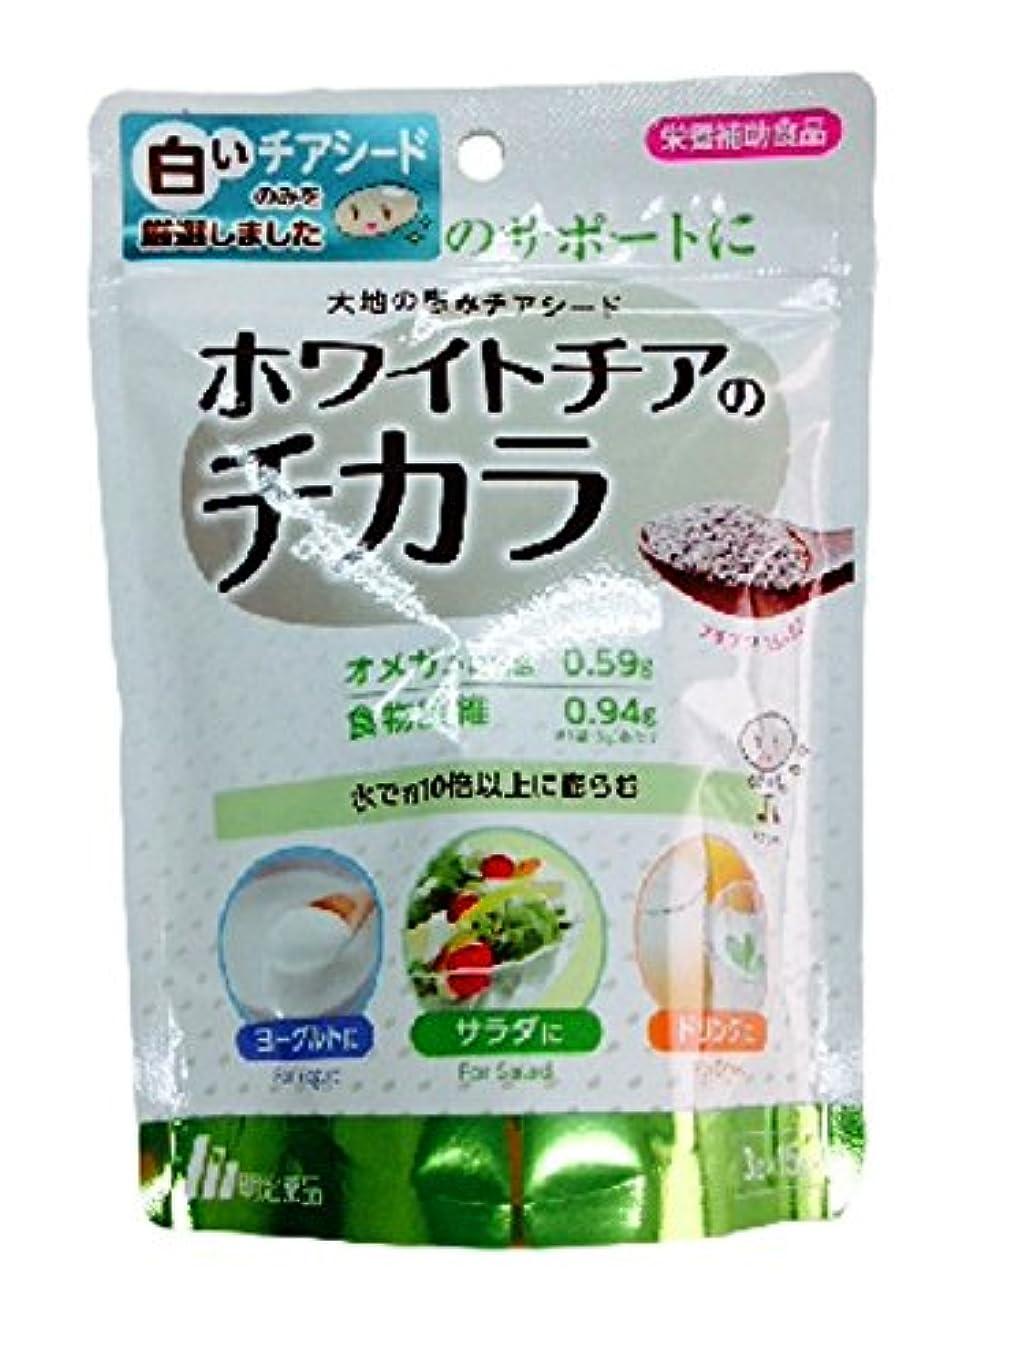 翻訳気取らないエラー明治薬品 ホワイトチアのチカラ 3gx15袋